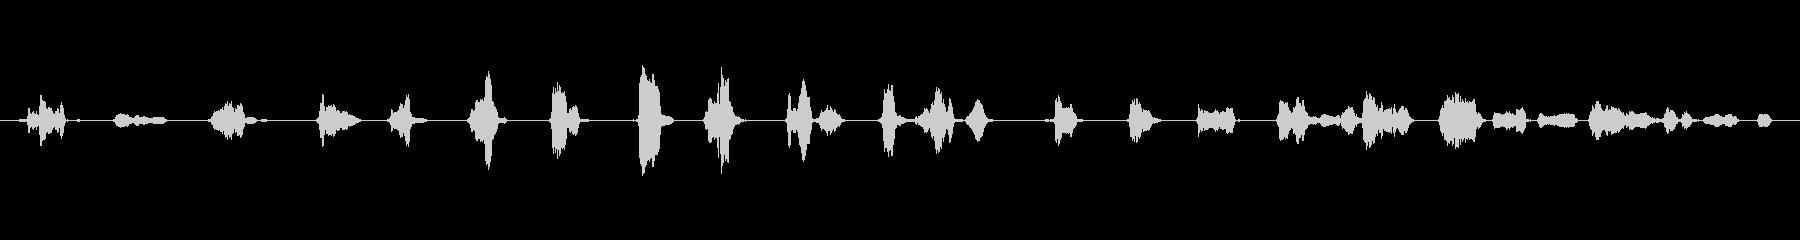 プラスチックトイホイール:クイック...の未再生の波形